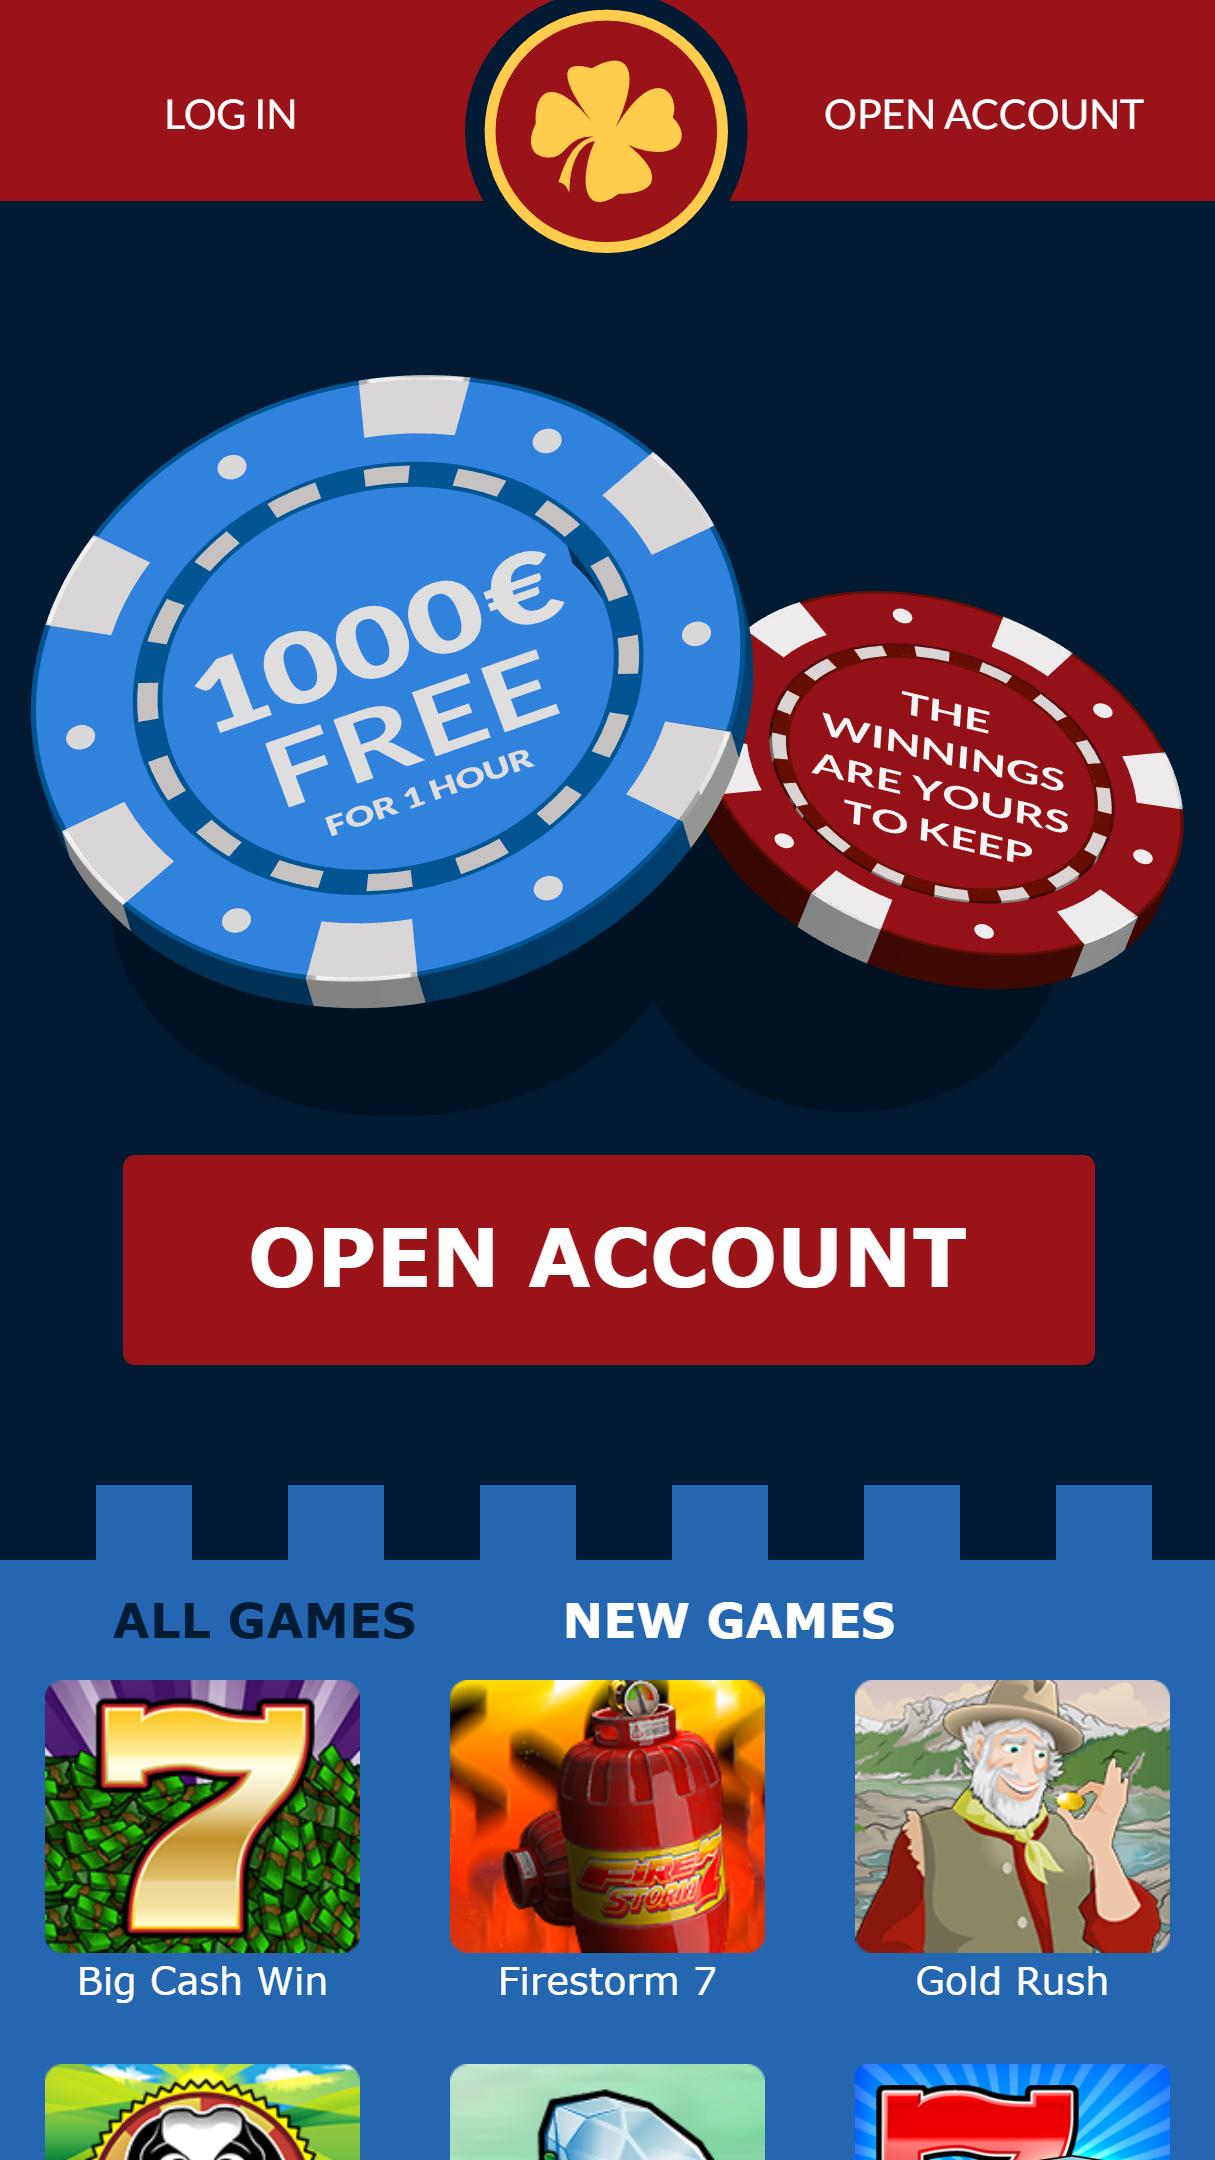 Как открыть бесплатно онлайн казино карты играть гадать